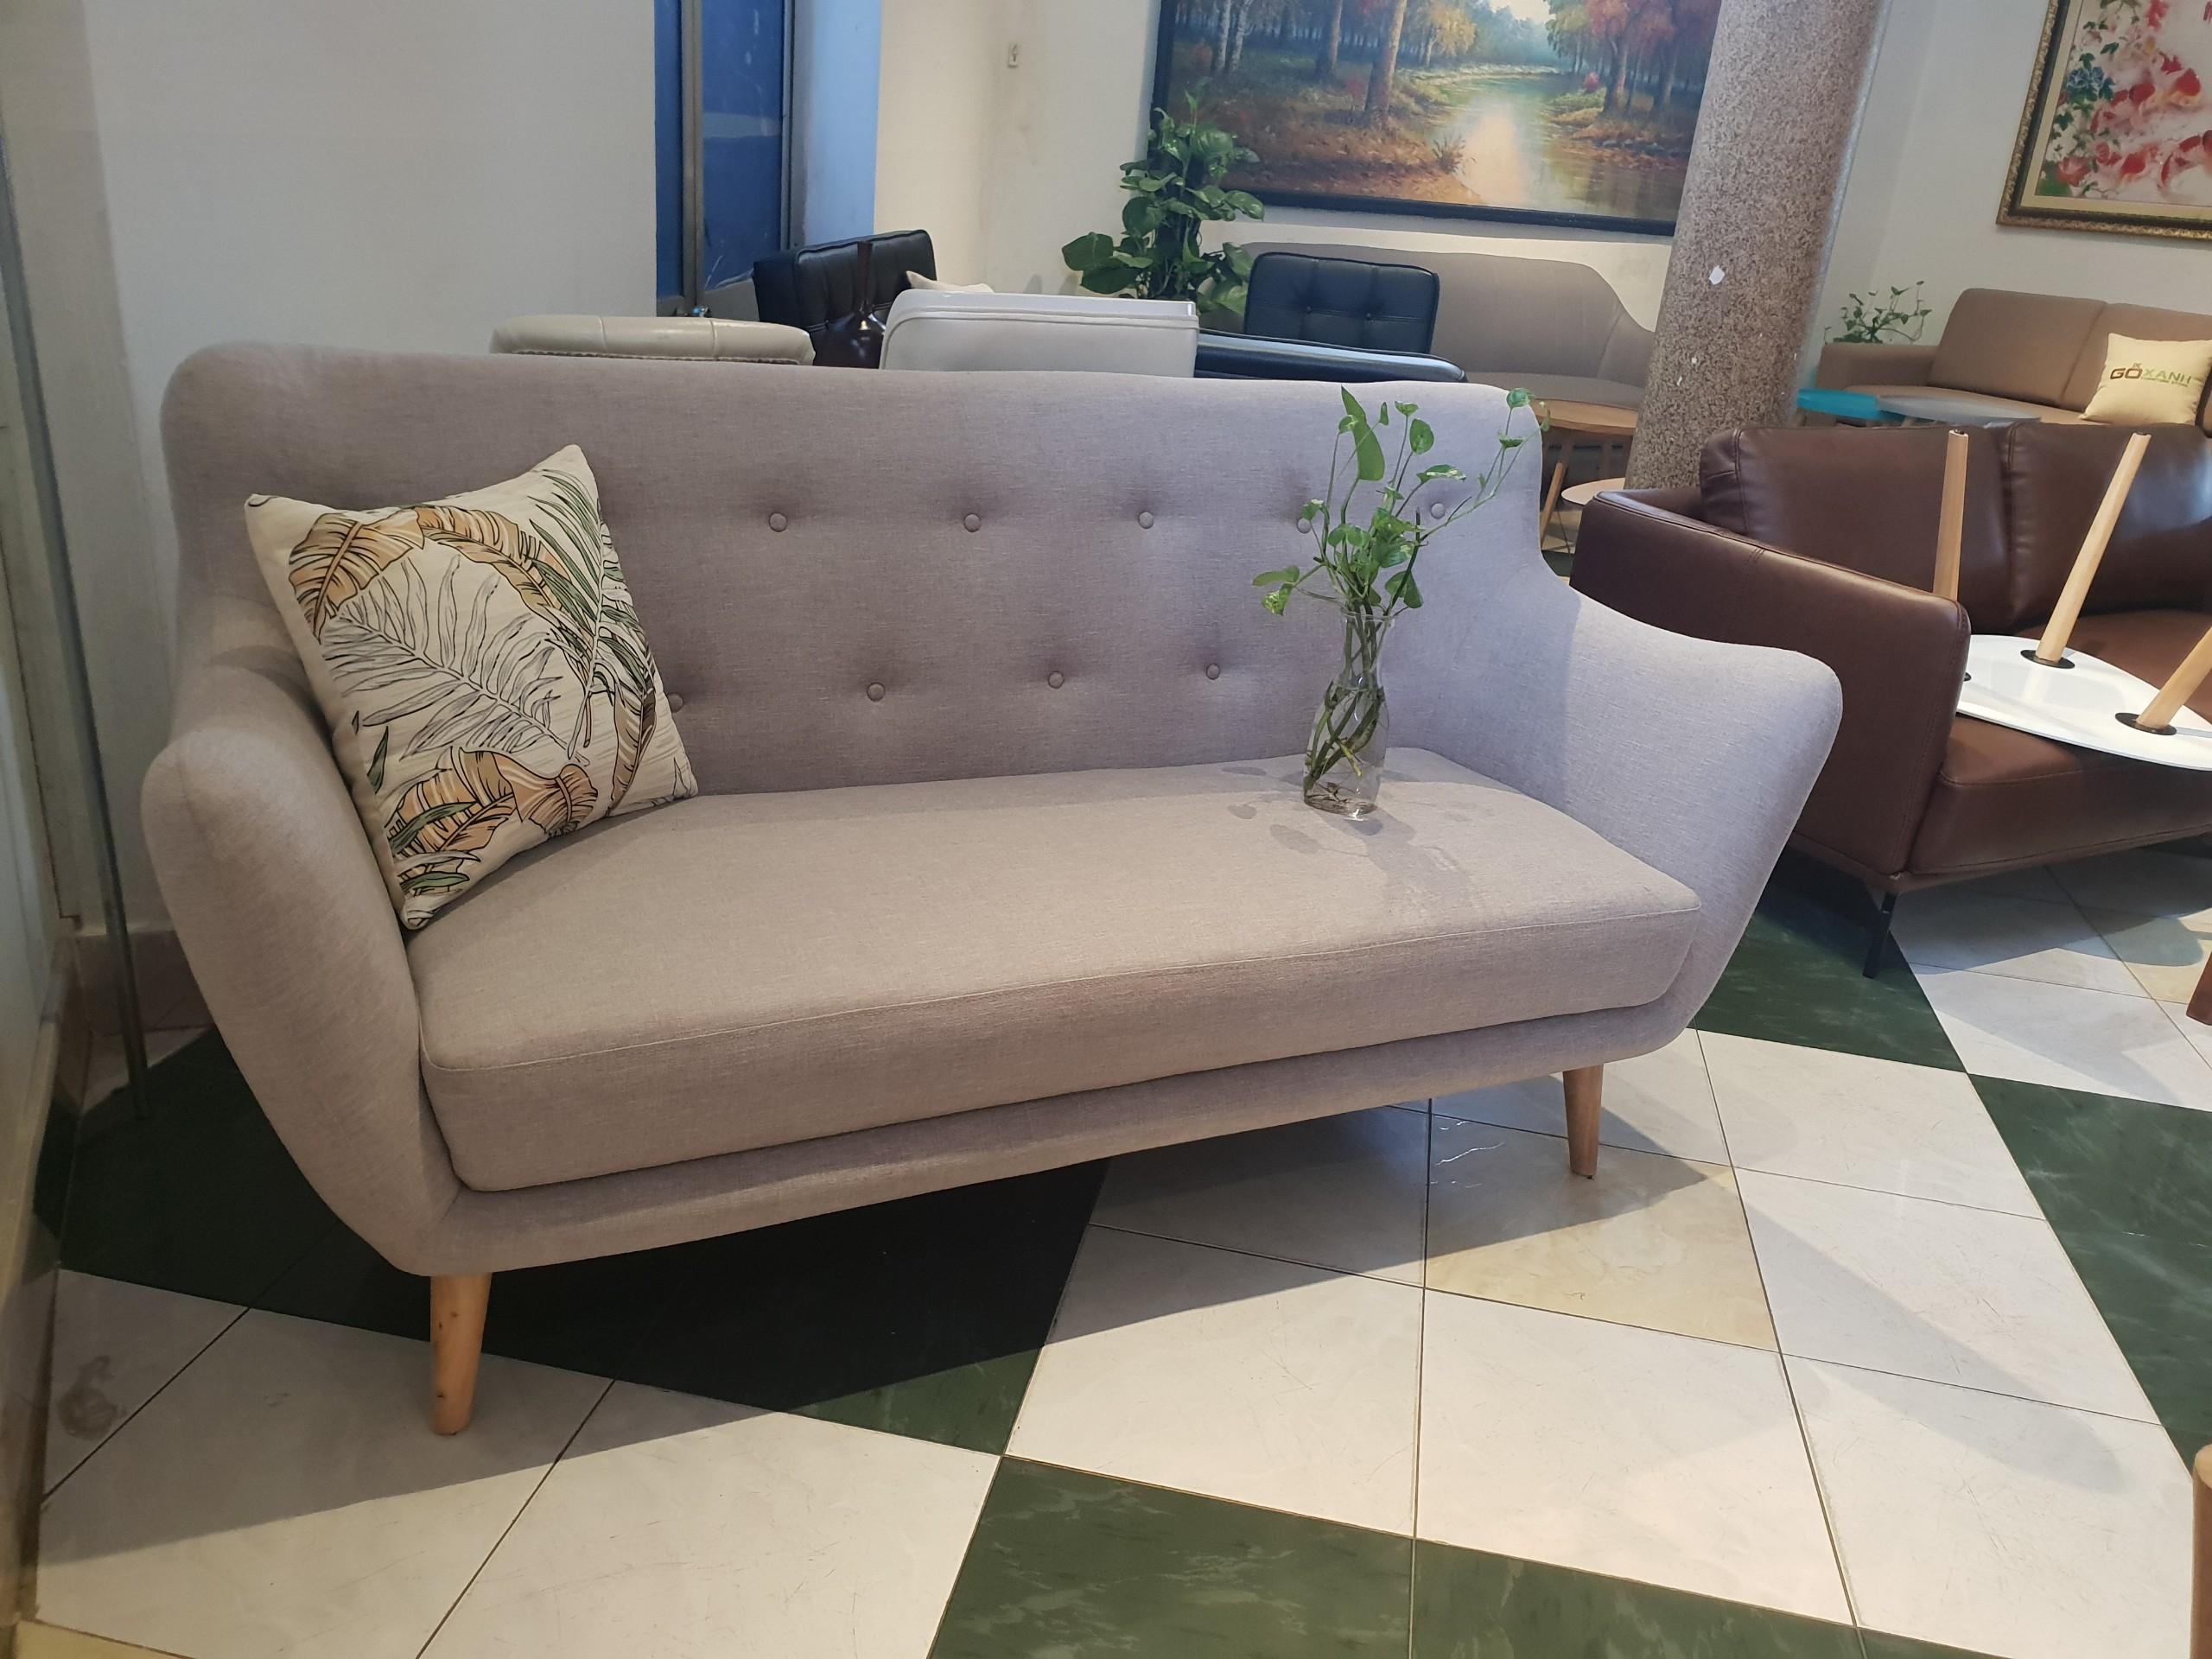 Ghế sofa băng vải mini cho chung cư - Bọc vải màu xám trắng